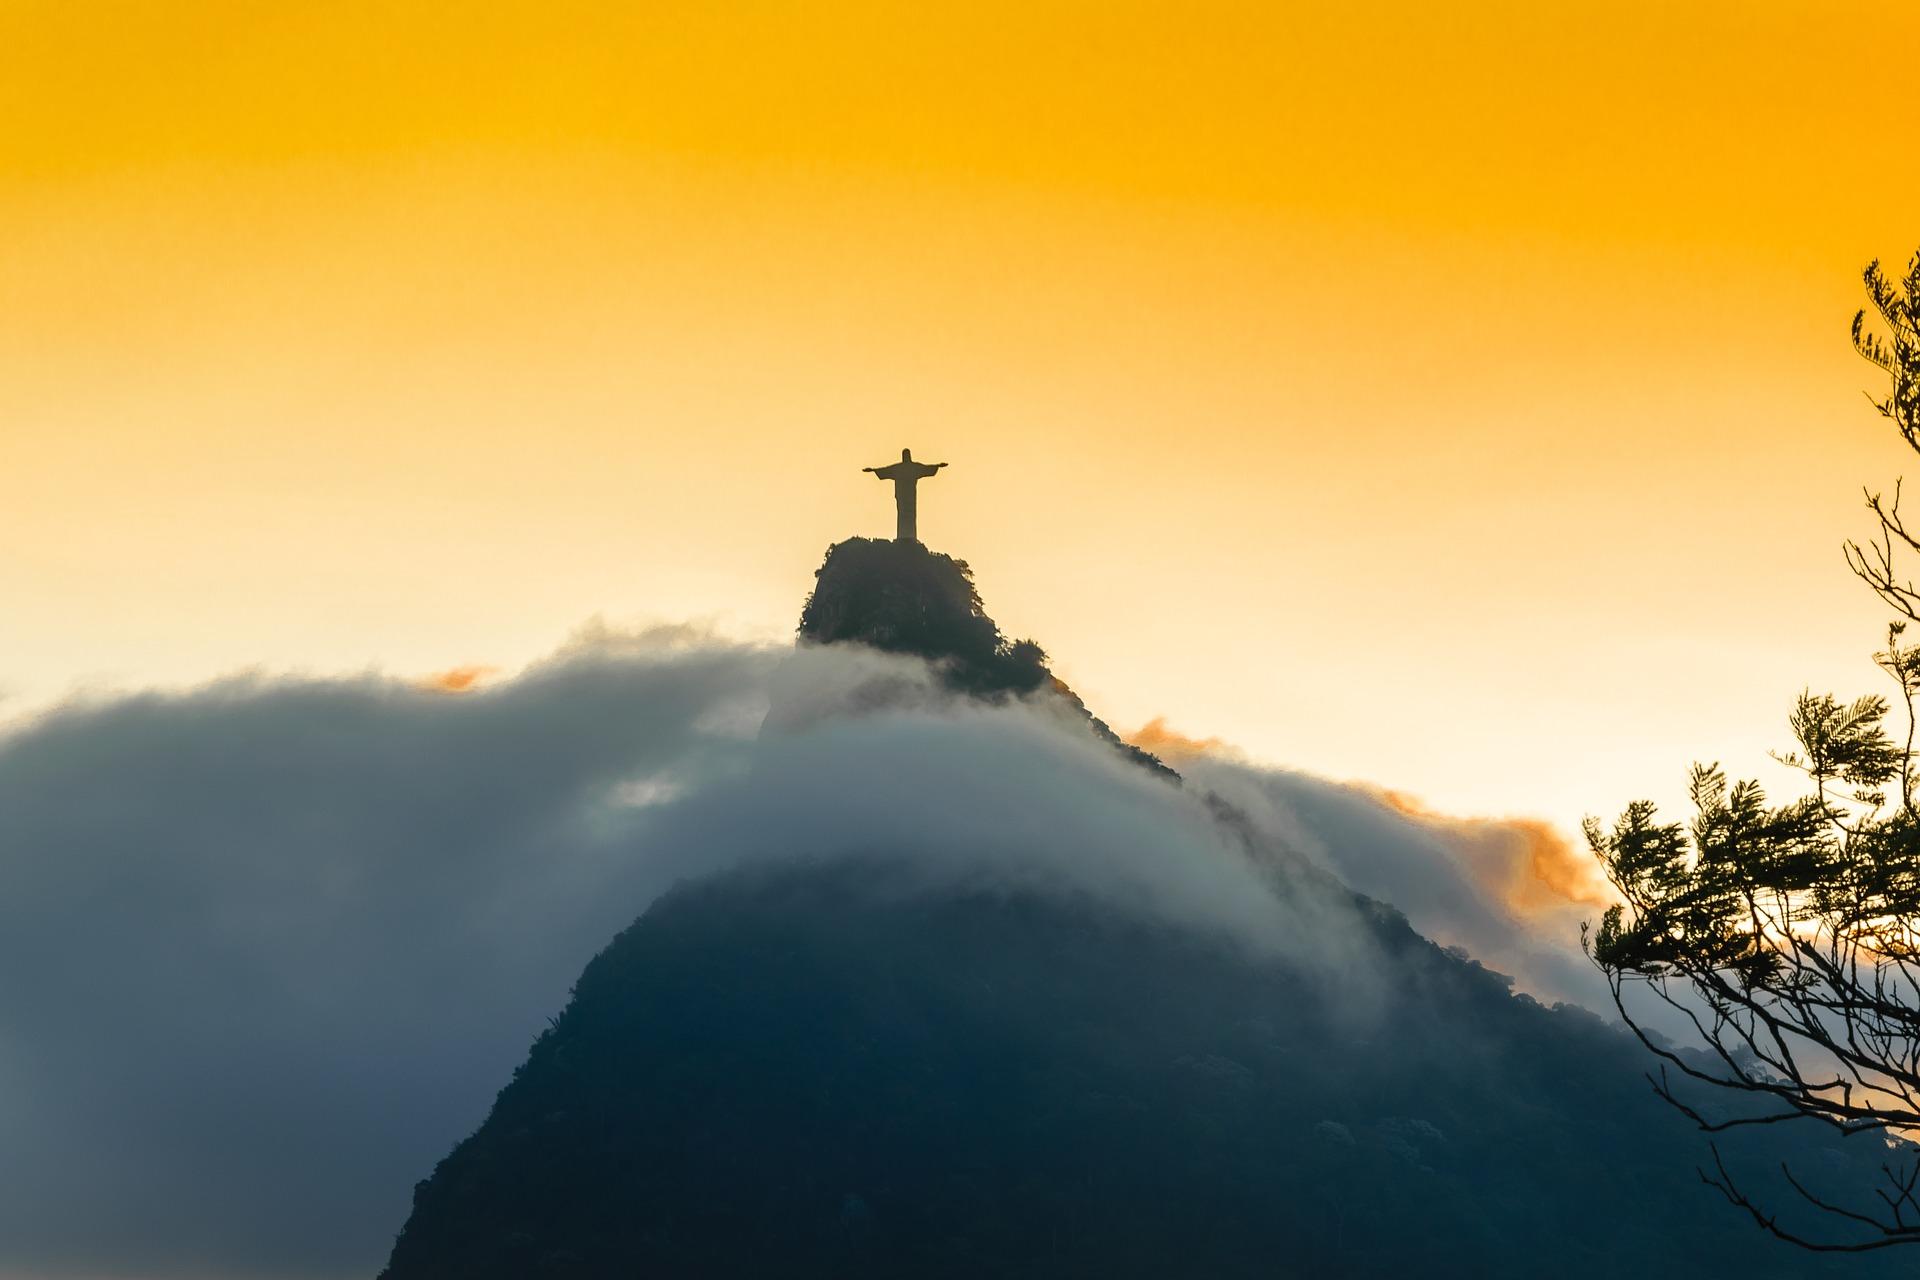 El Cristo Redentor de Río de Janeiro es quizás la figura más reconocida de esa ciudad. Tiene 30 metros y pesa 1.200 toneladas. Se levanta majestuoso sobre un pedestal de 8 metros de alto, justo en la cima del Cerro del Corcovado, a 710 metros sobre el nivel del mar, dentro del Parque Nacional de Tijuca.